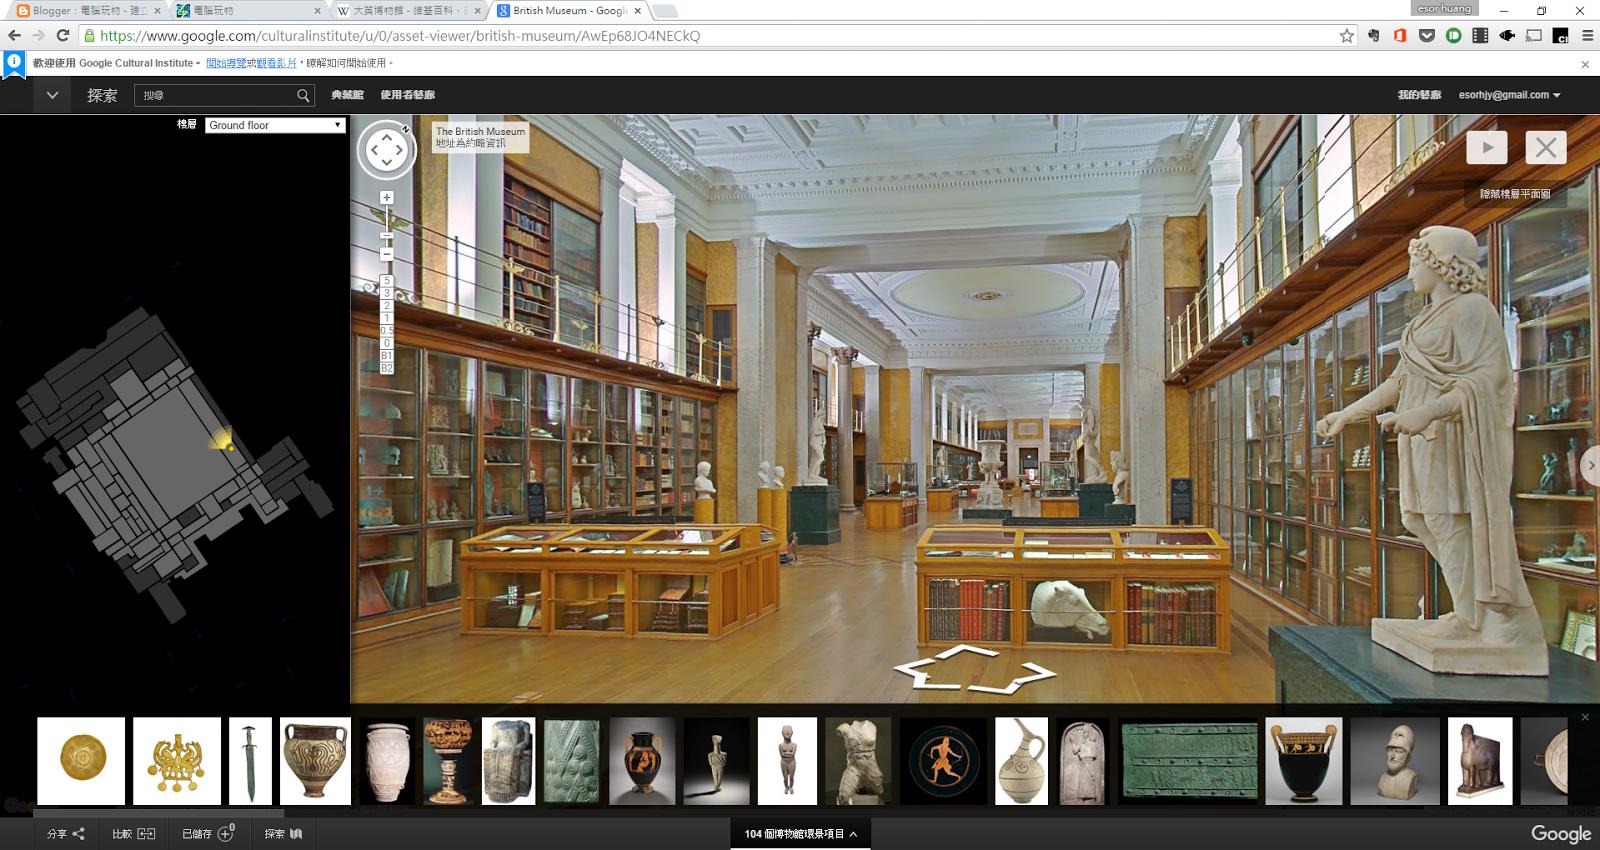 大英博物館攻略導覽!10大必看點用 Google 街景參觀